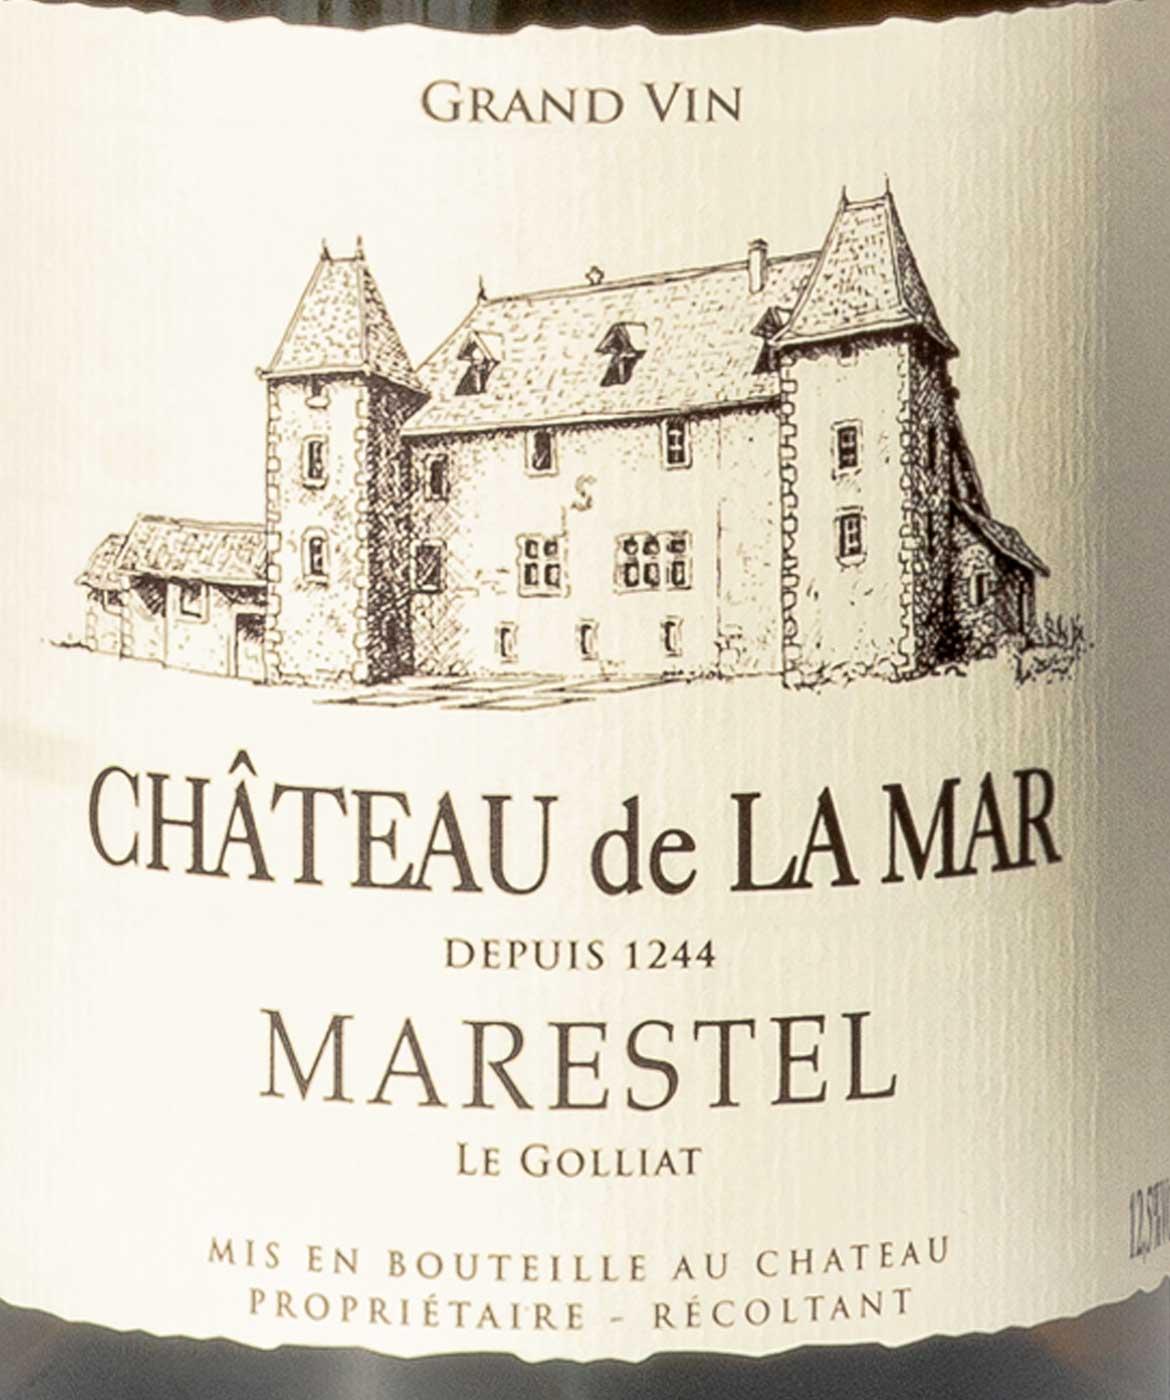 Marestel Le Golliat - Etiquette vins blancs de savoie